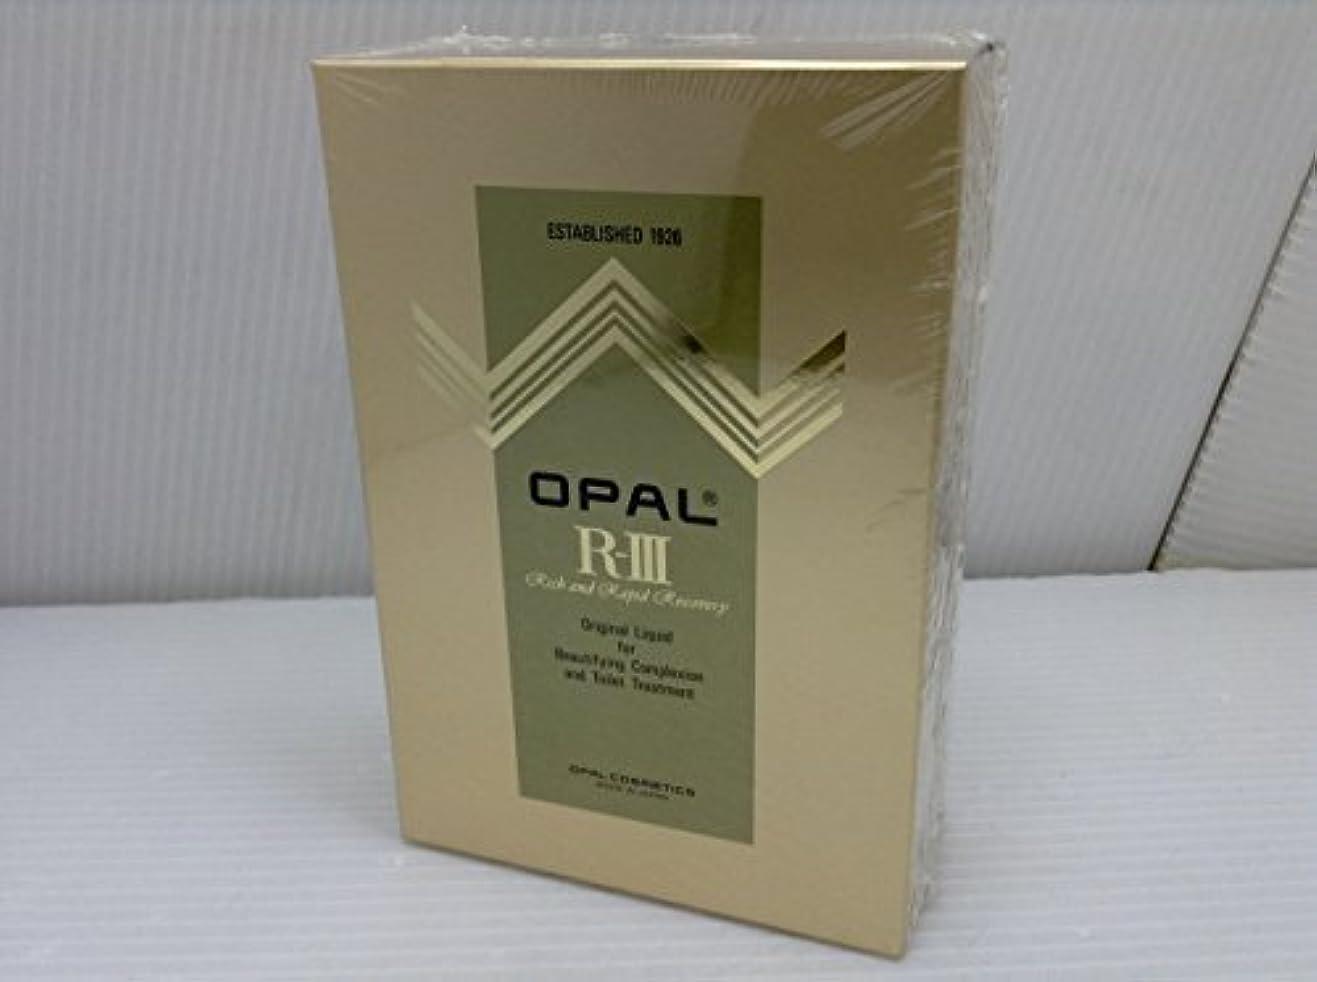 火山冷蔵する草オパール化粧品 美容原液 薬用オパール R-III (250ml)